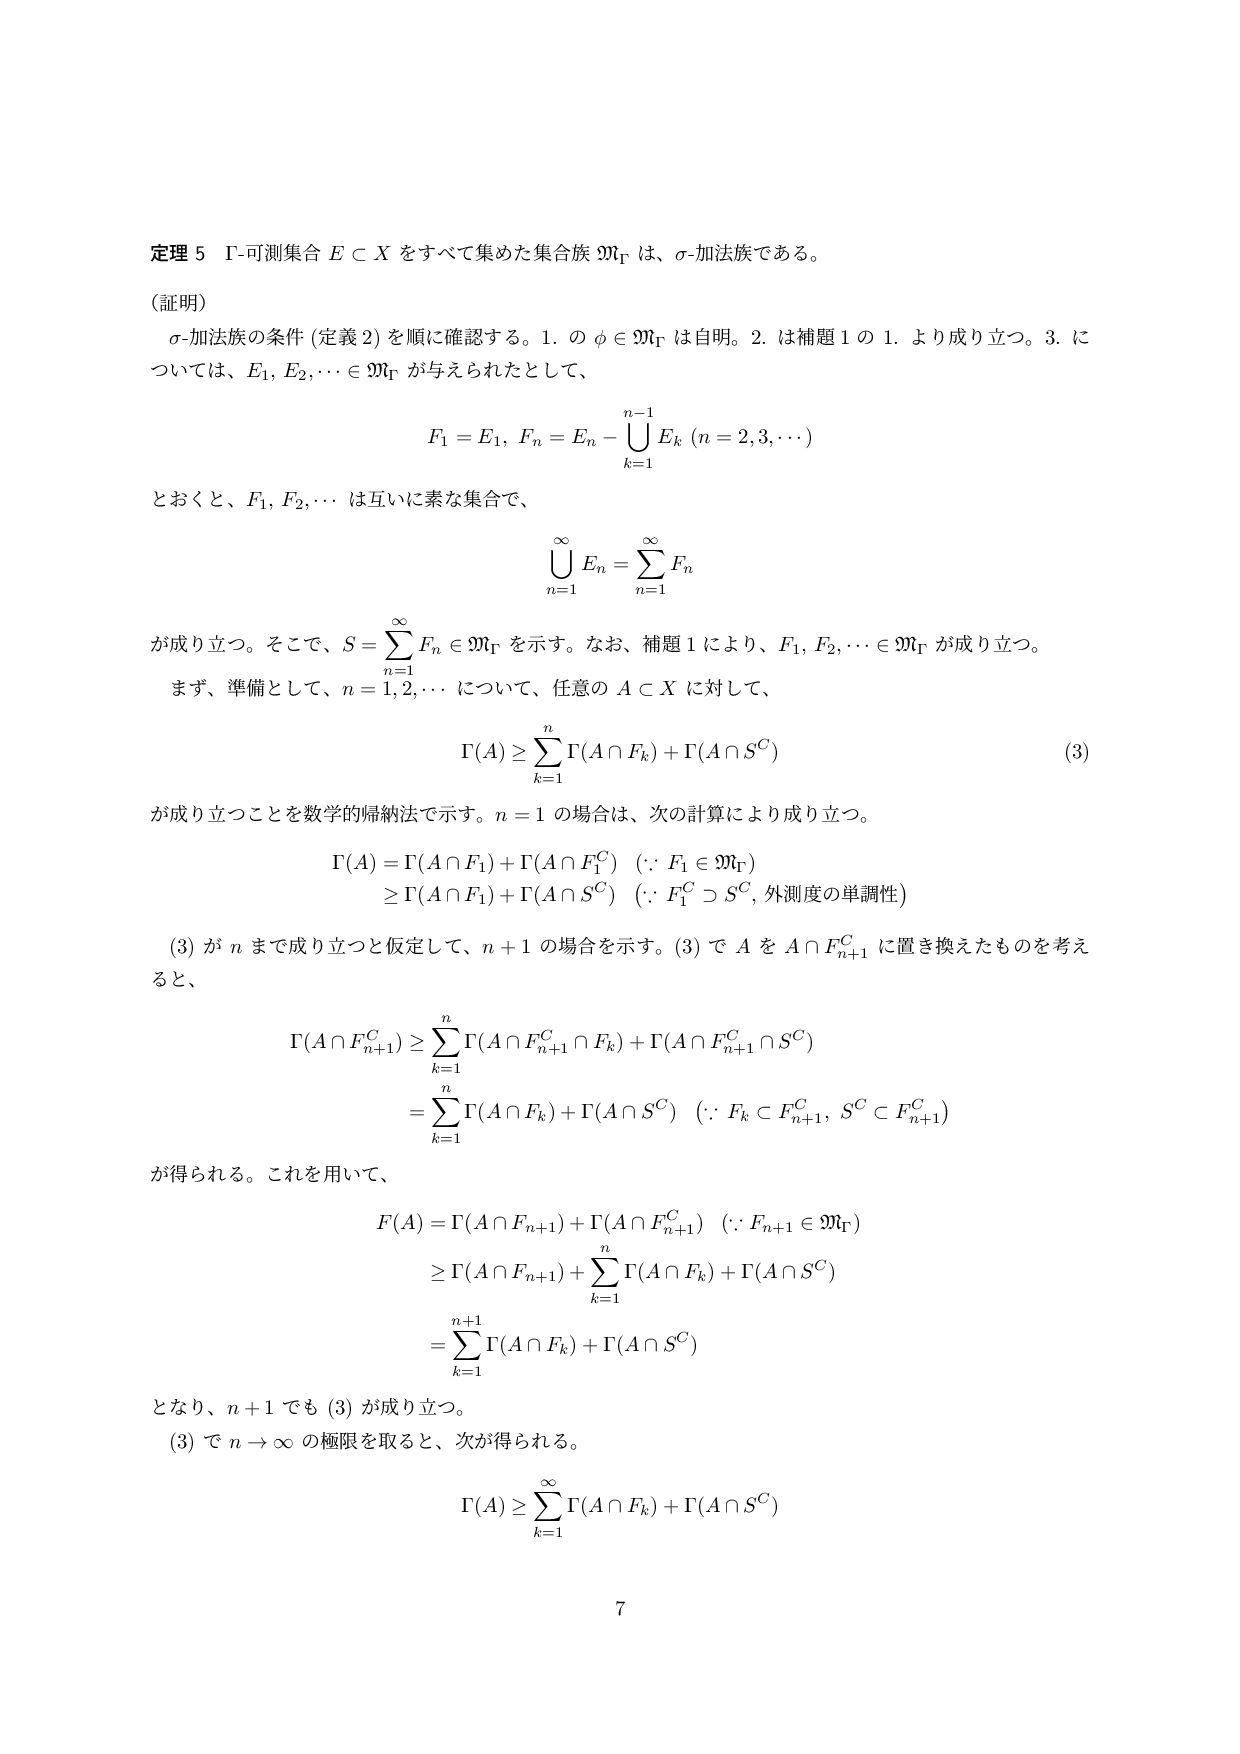 (3) ͕ n ·ͰΓཱͭͱԾఆͯ͠ɺn + 1 ͷ߹Λࣔ͢ɻ(3) Ͱ A Λ A ∩ ...